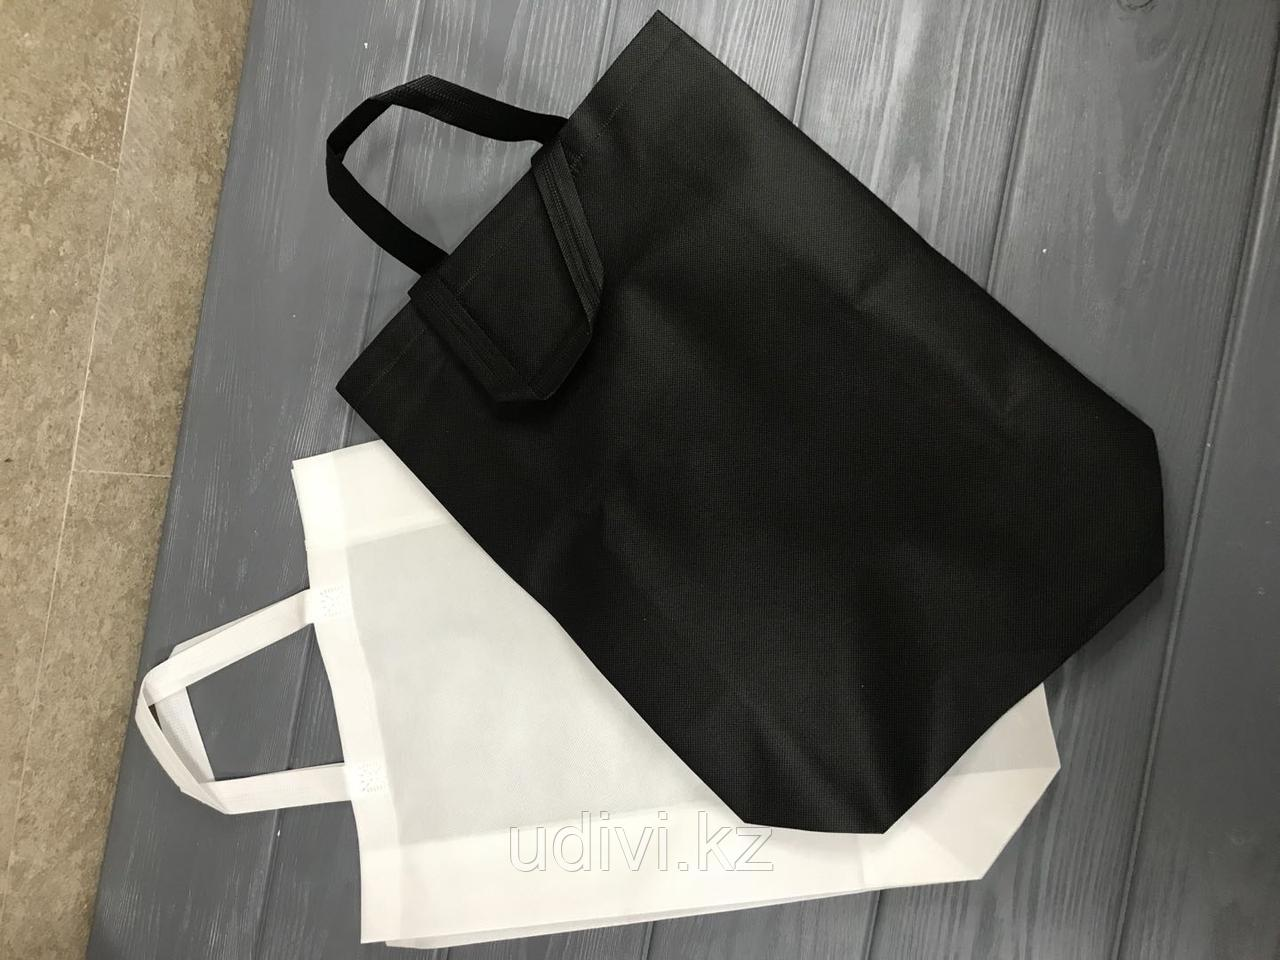 Эко-сумки из спанбонда в наличии